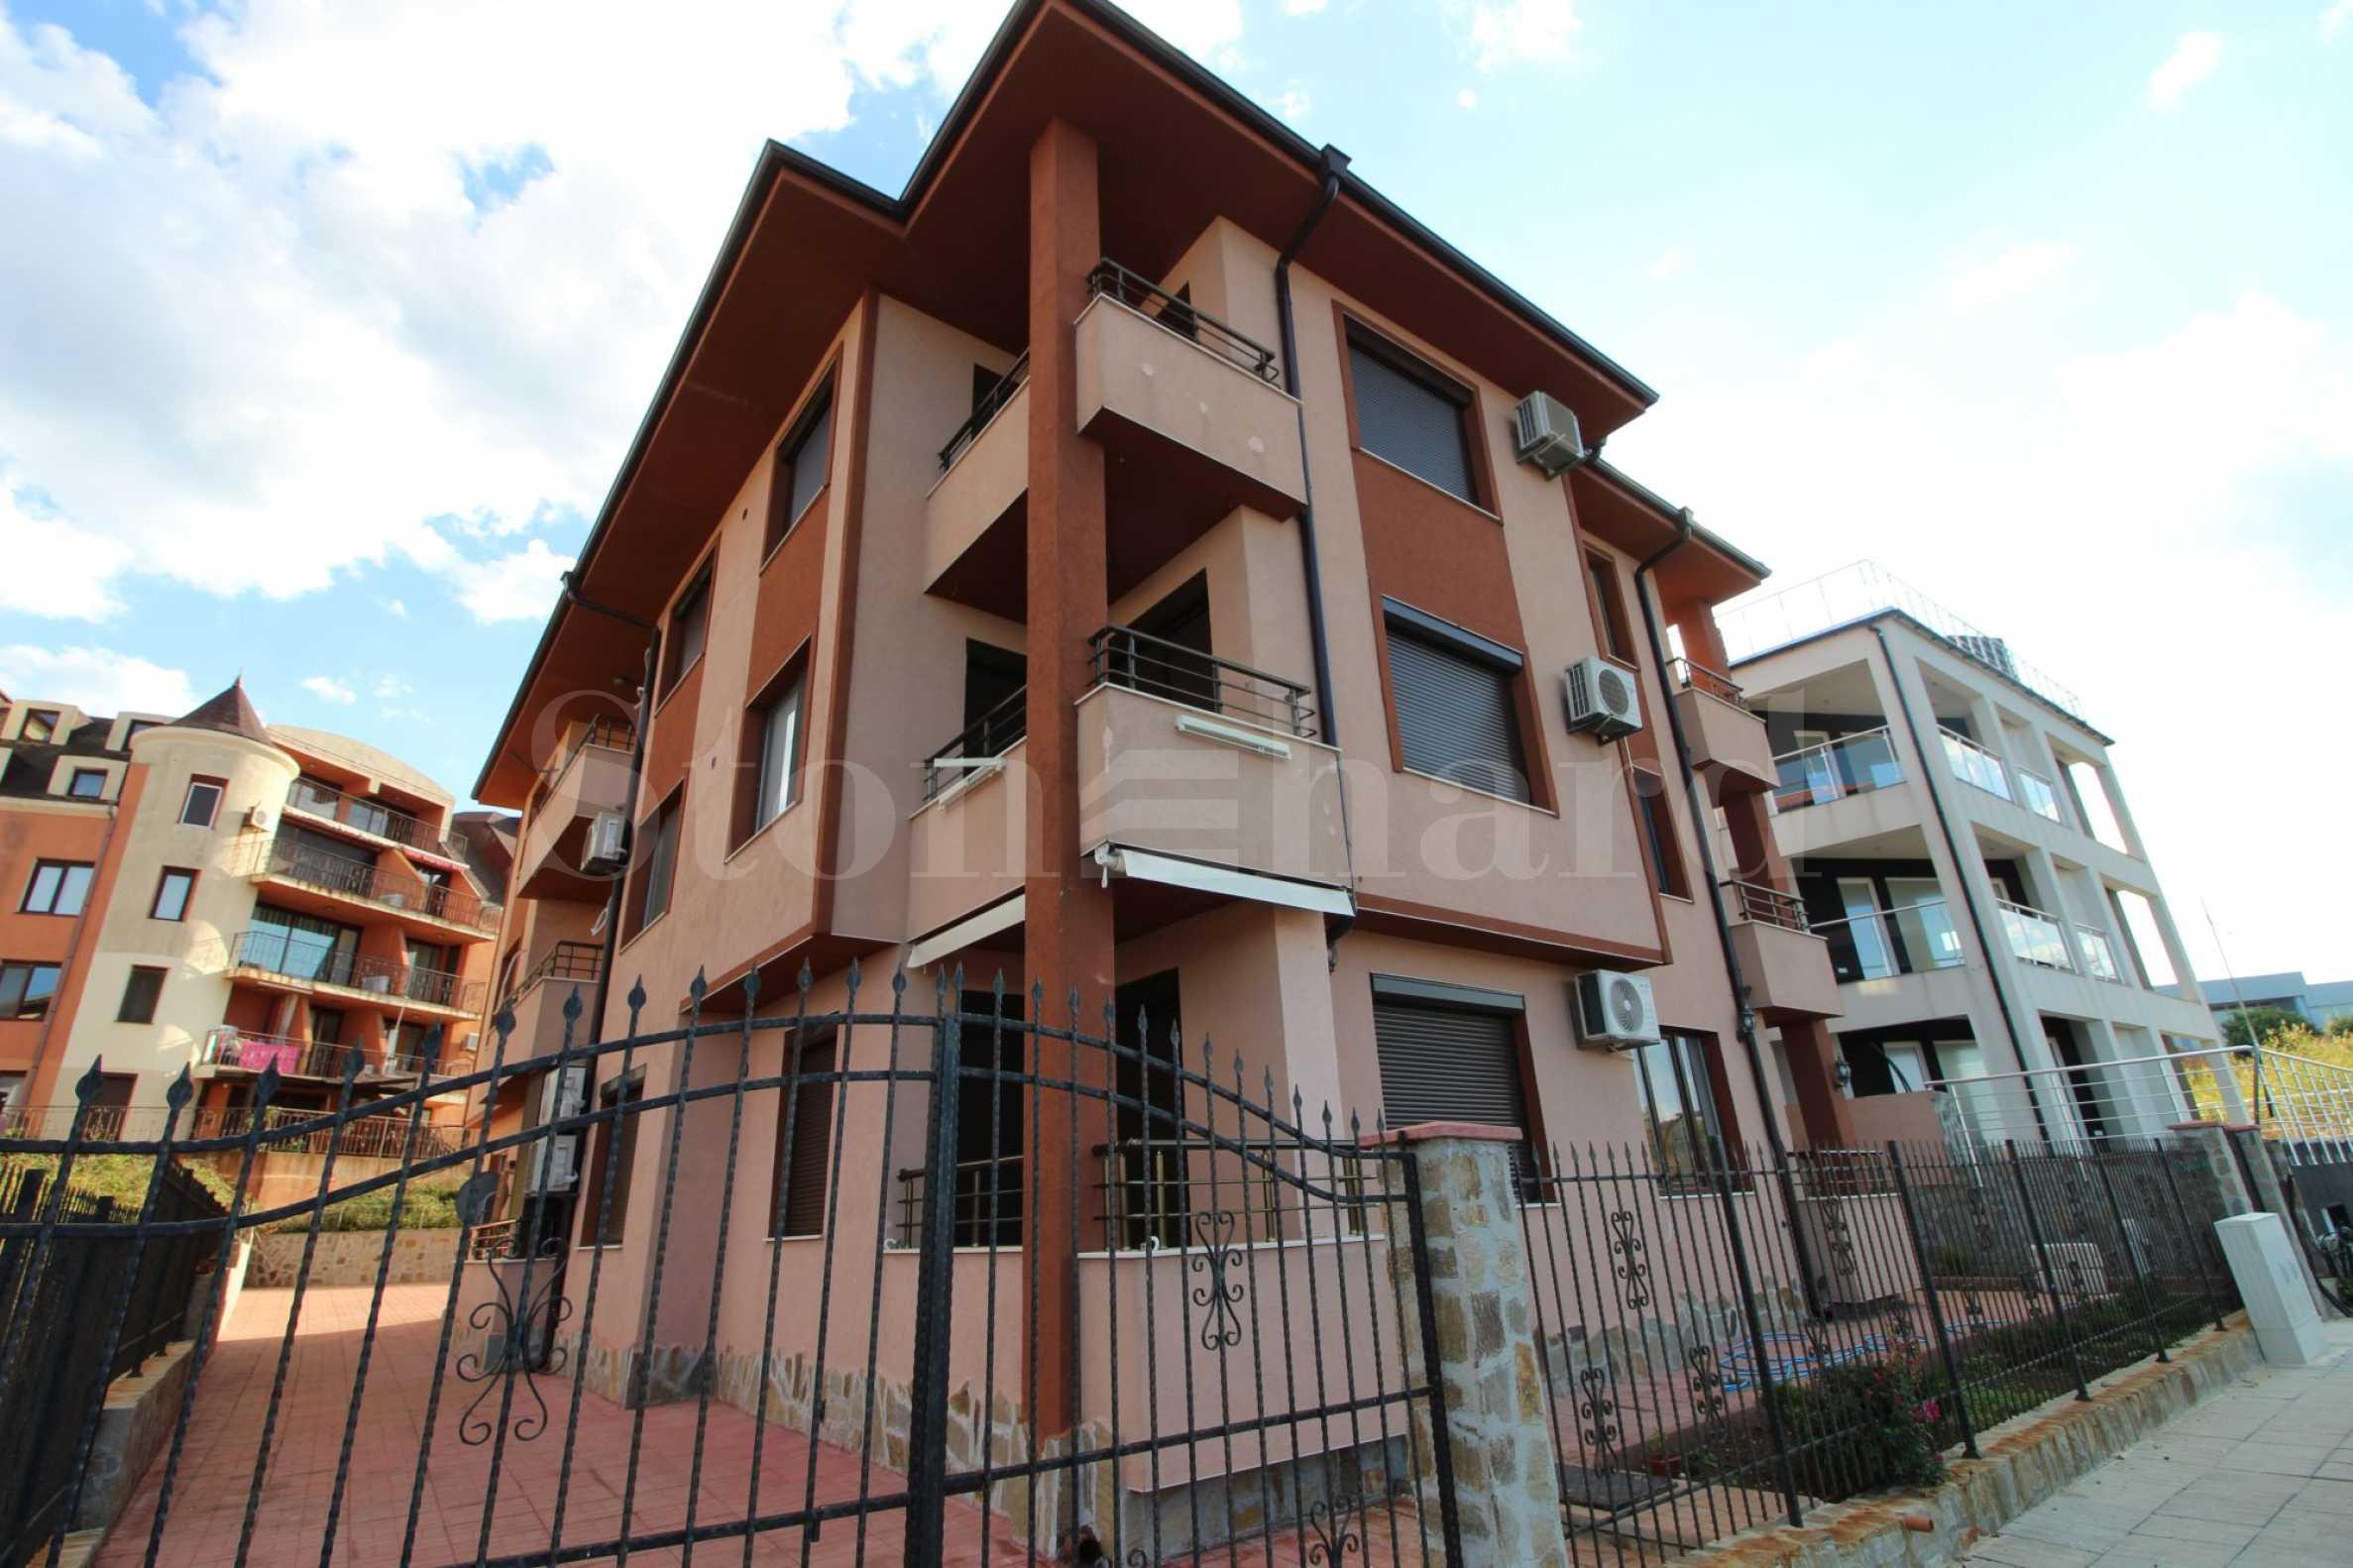 Акт 16. Двустайни апартаменти до ключ. Без такса поддръжка1 - Stonehard